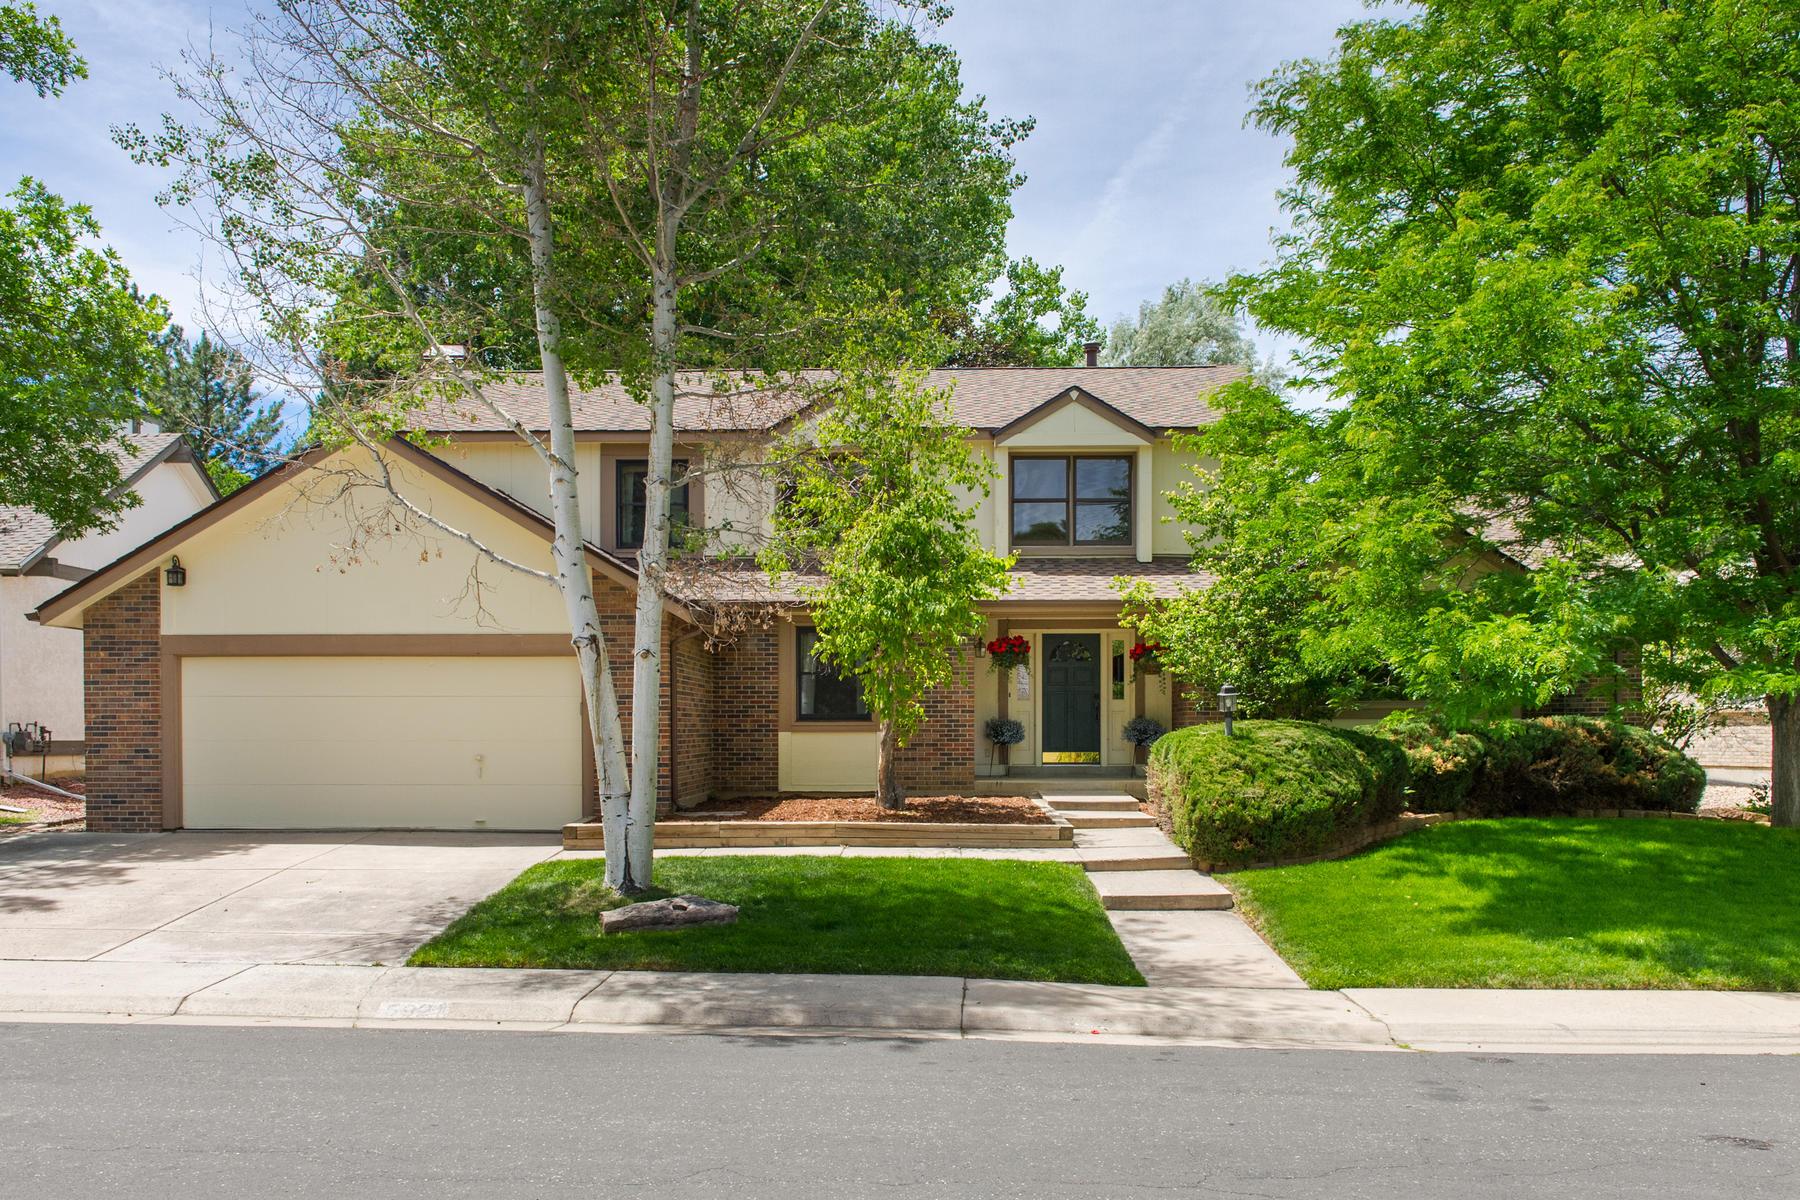 一戸建て のために 売買 アット 5921 South Akron Way Greenwood Village, コロラド, 80111 アメリカ合衆国